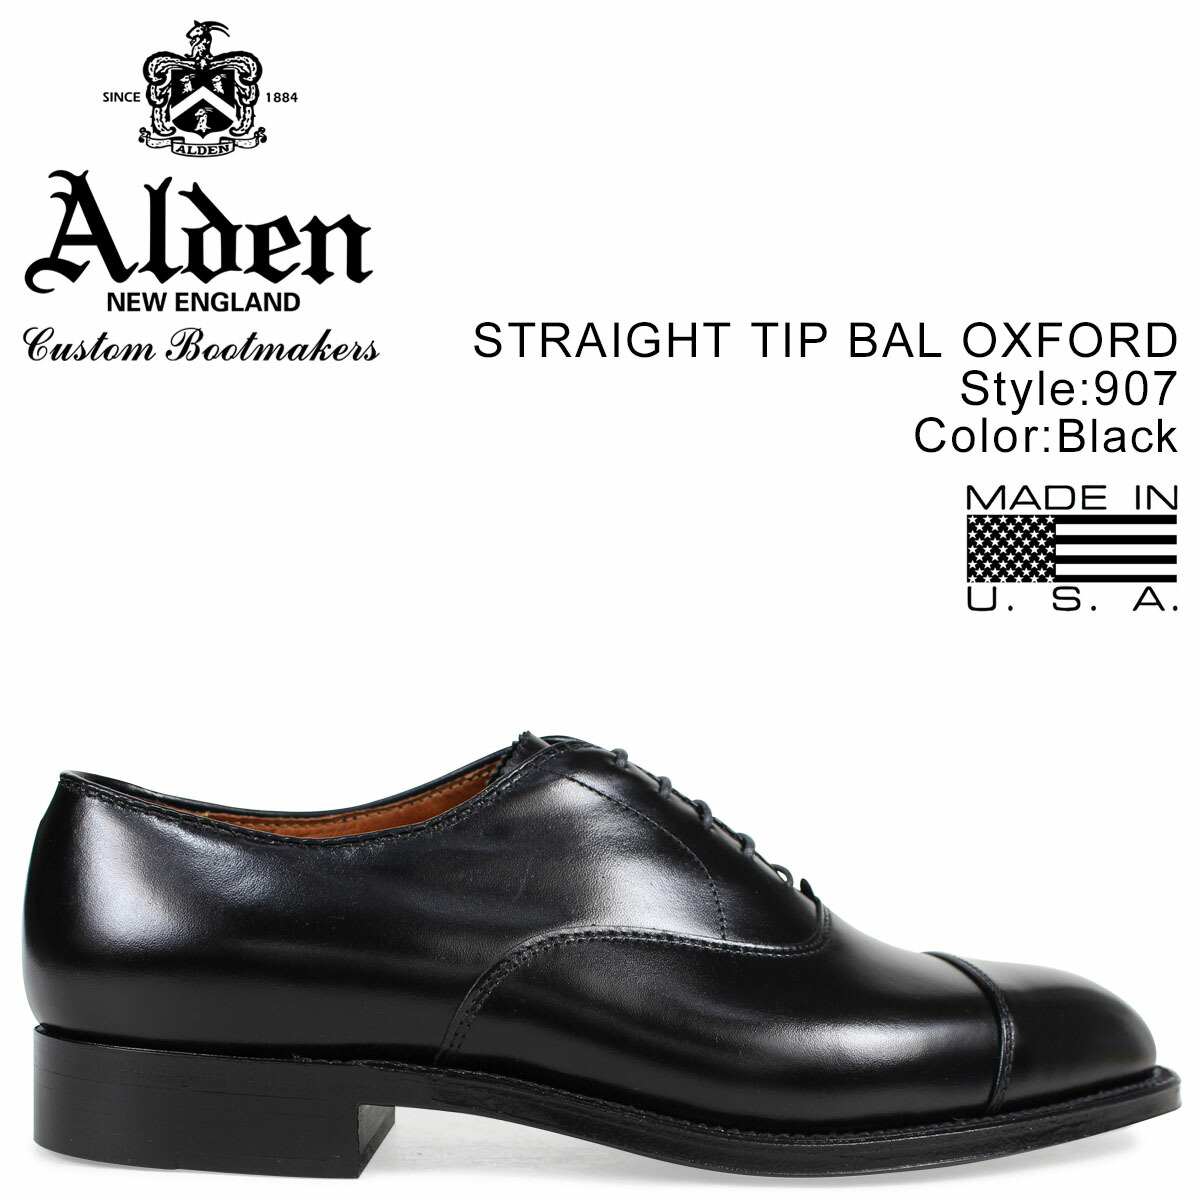 ALDEN オールデン ストレートチップ シューズ メンズ STRAIGHT CAP TOE BAL ブラック Dワイズ 907 [予約商品 2/23頃入荷予定 追加入荷]